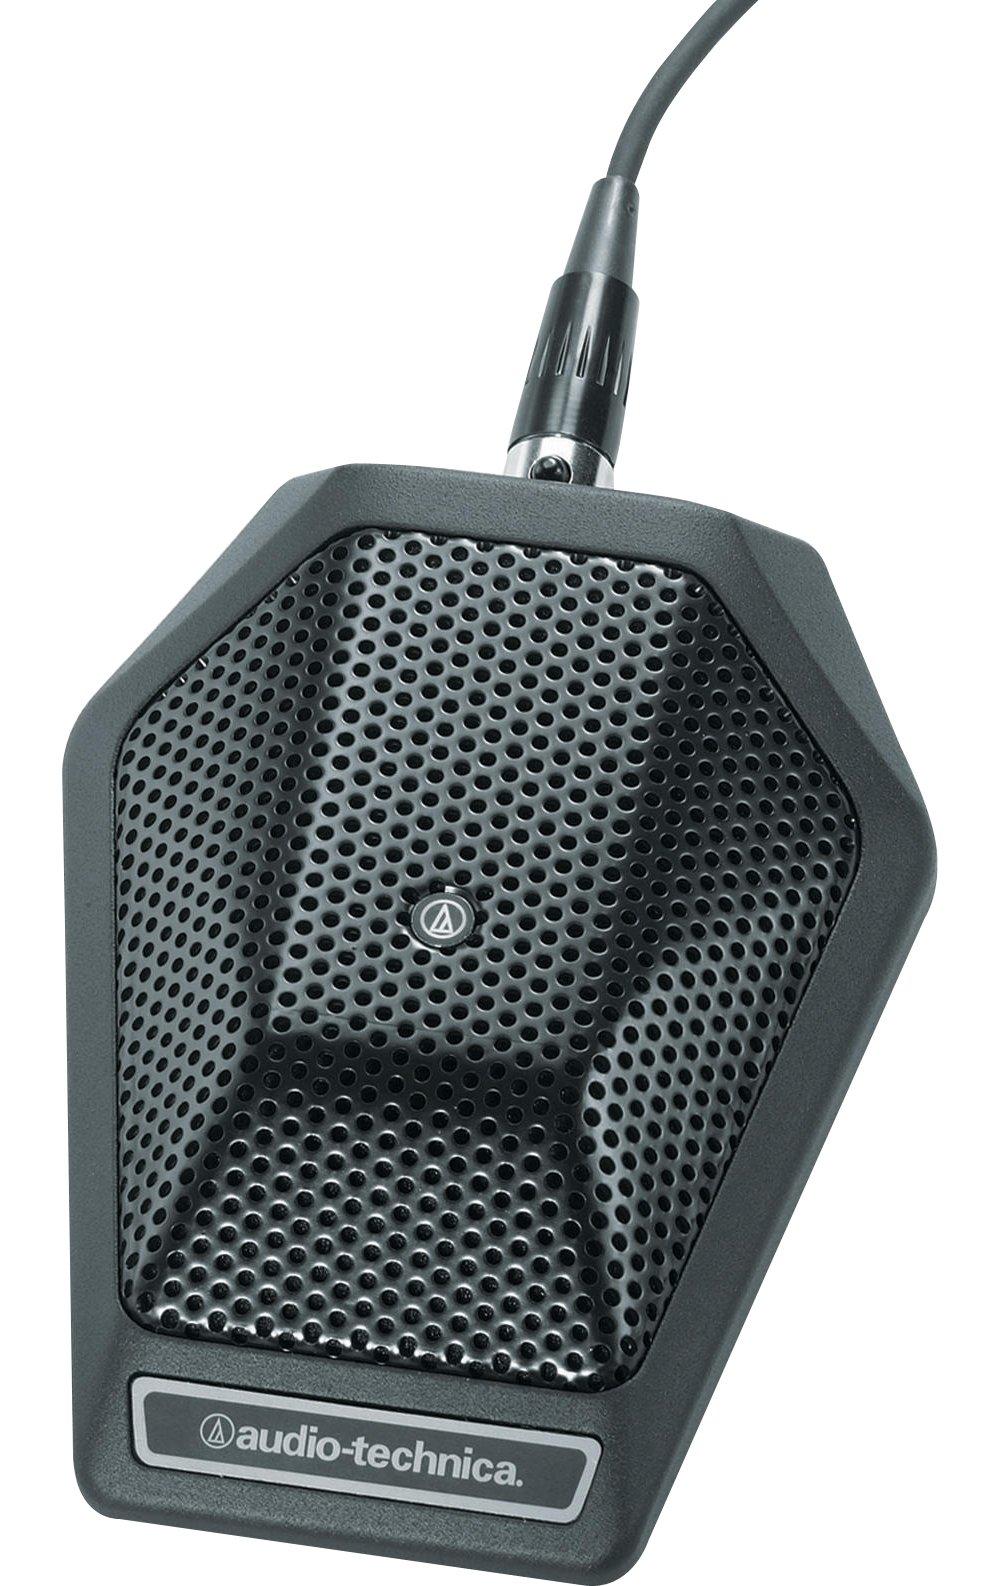 Microfono Audio Technica U851R Unipoint Cardioid Condense...